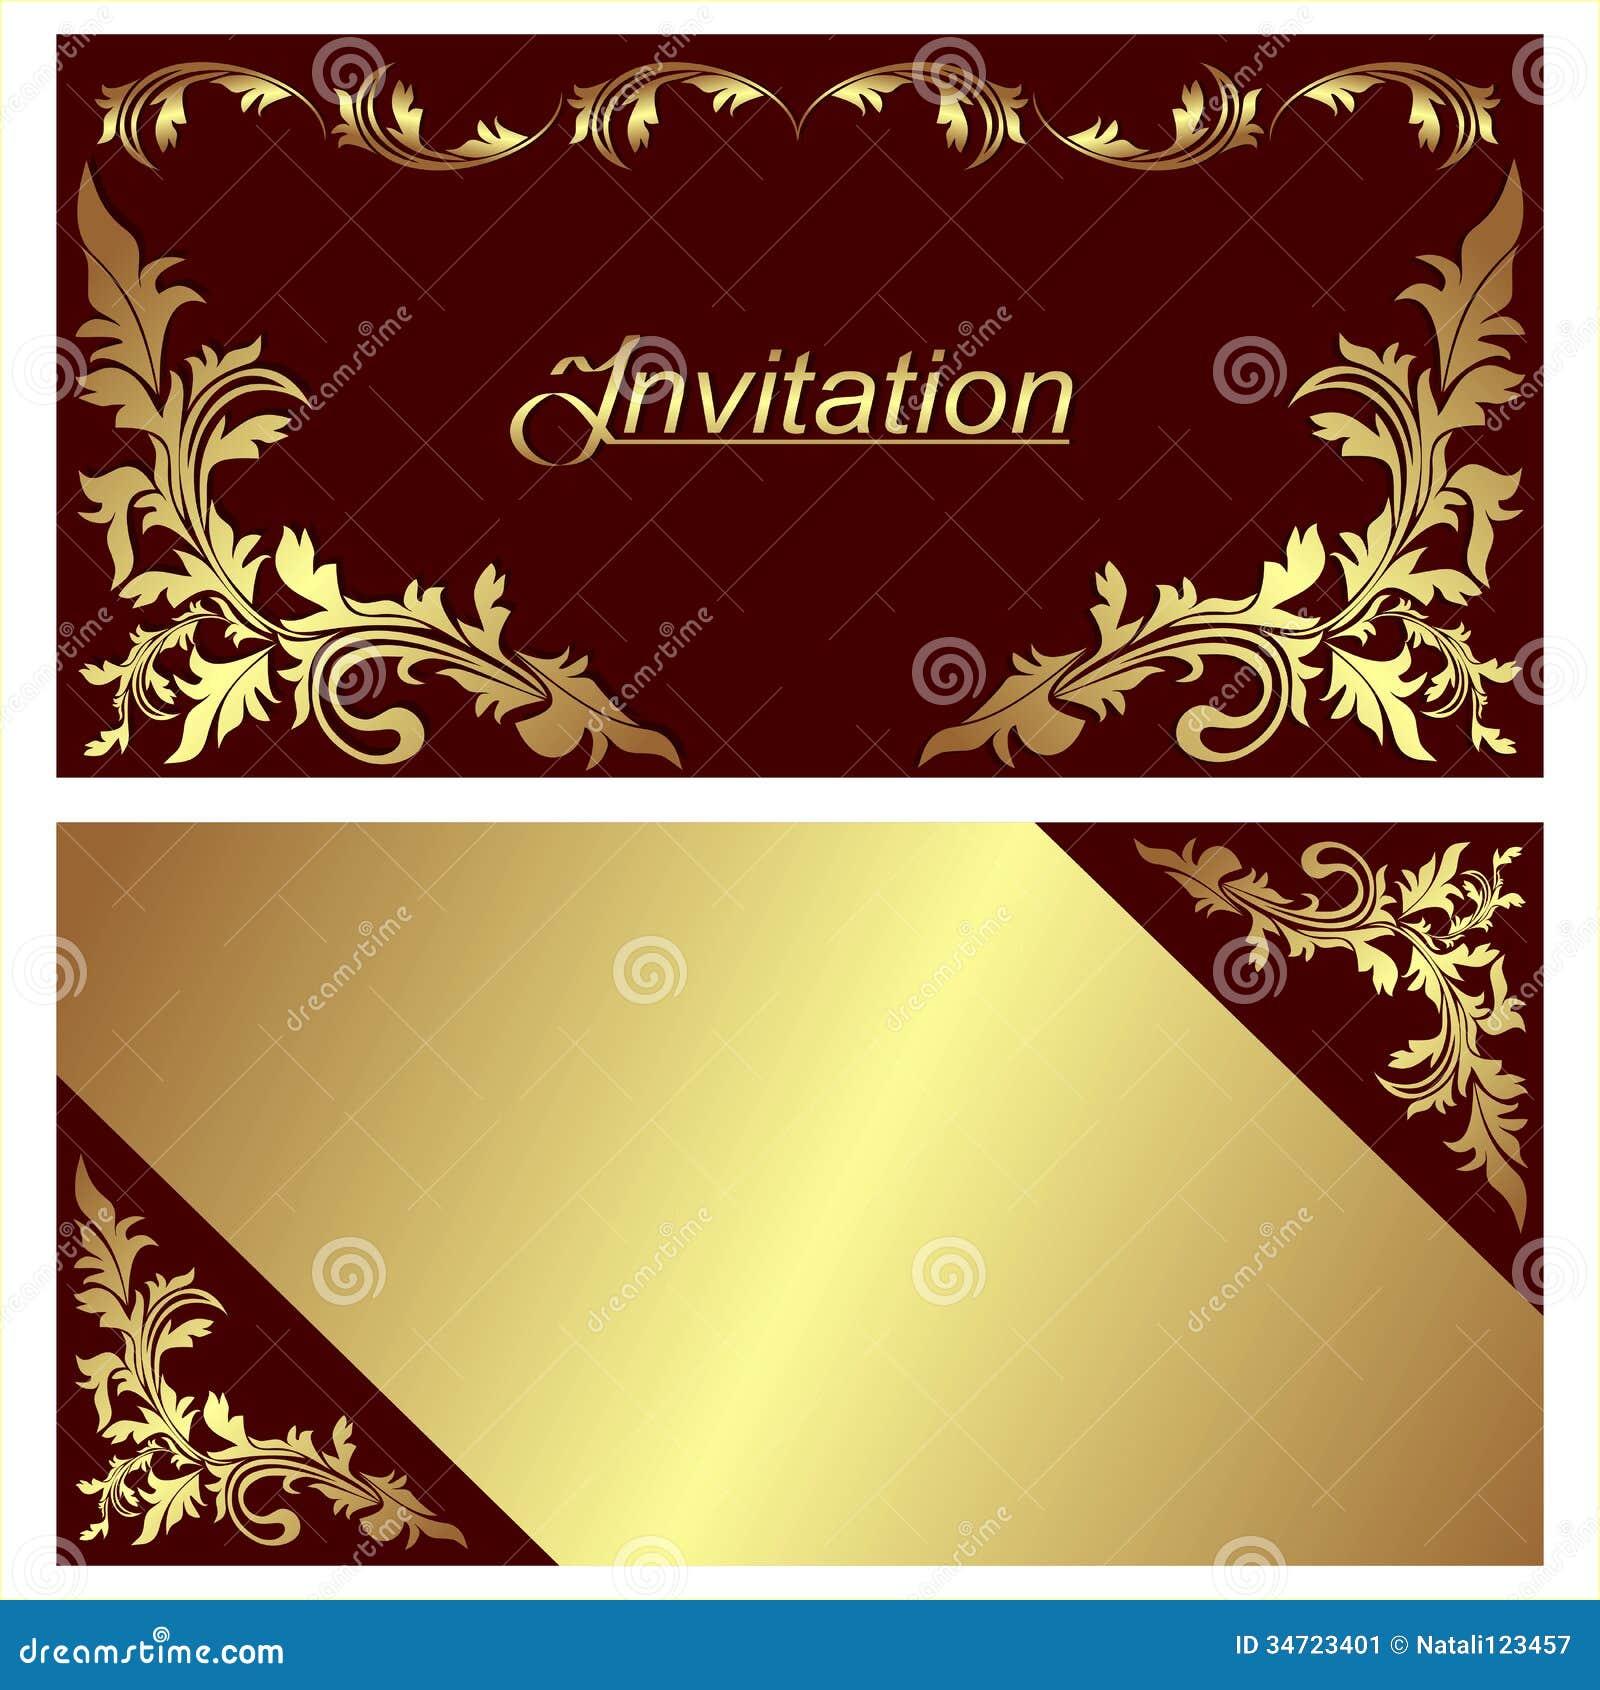 Border Designs For Invitation Cards Borders For Wedding – Invitation Cards Designs